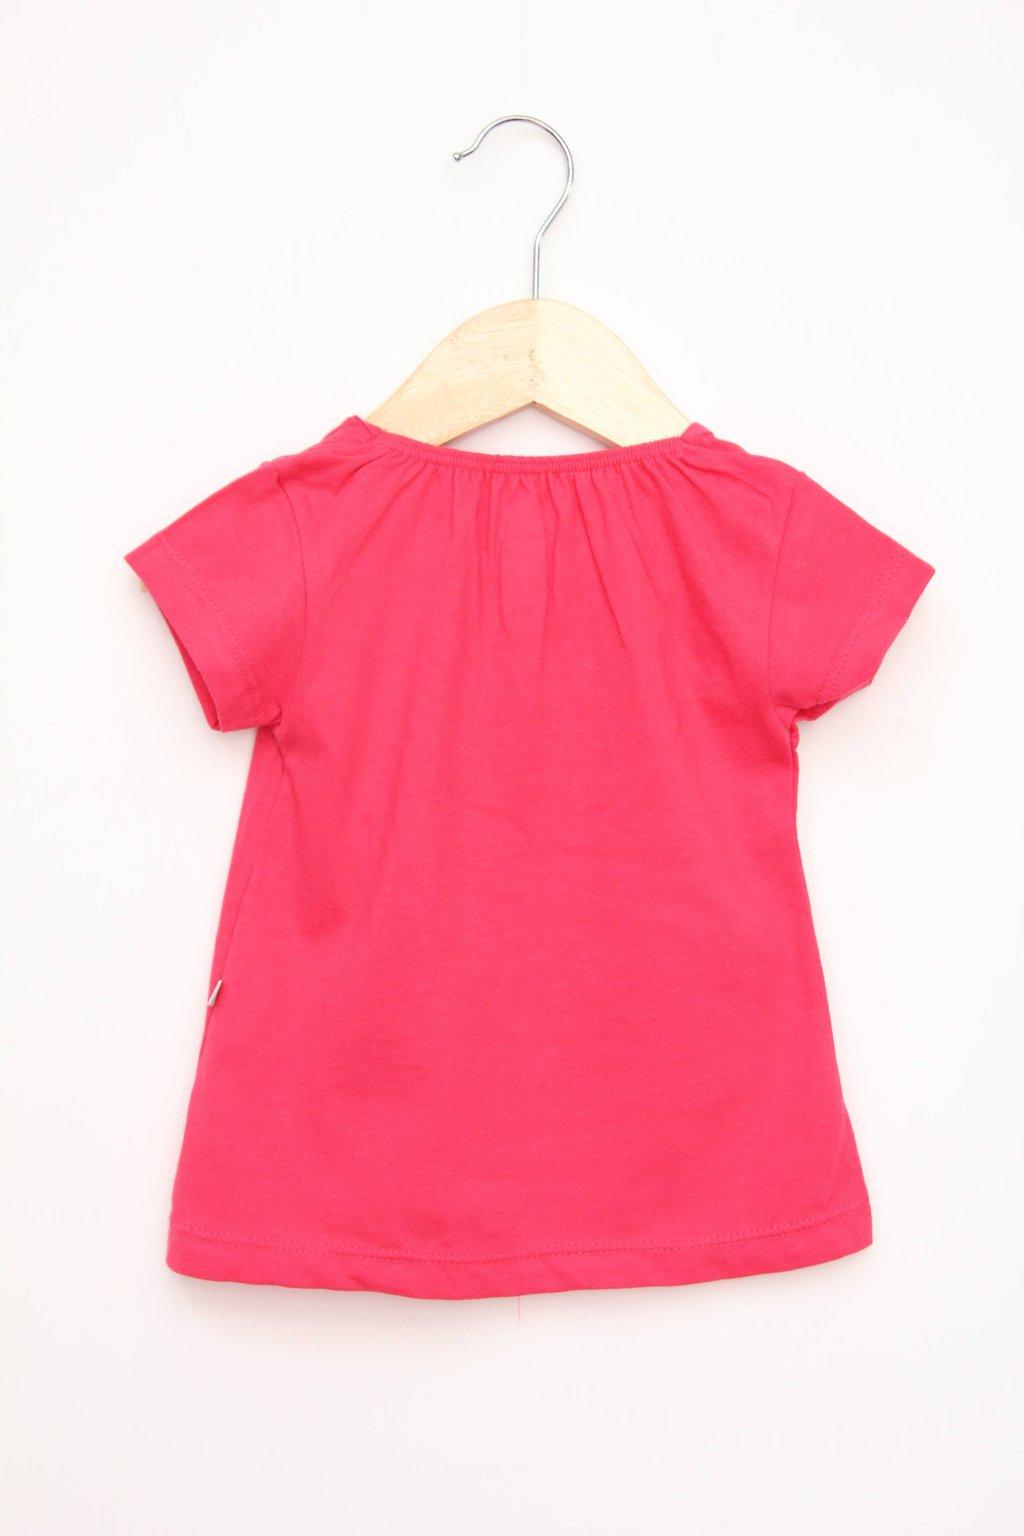 Camiseta Rosa Pink Básica Hering - compre por menos  874644f9c77